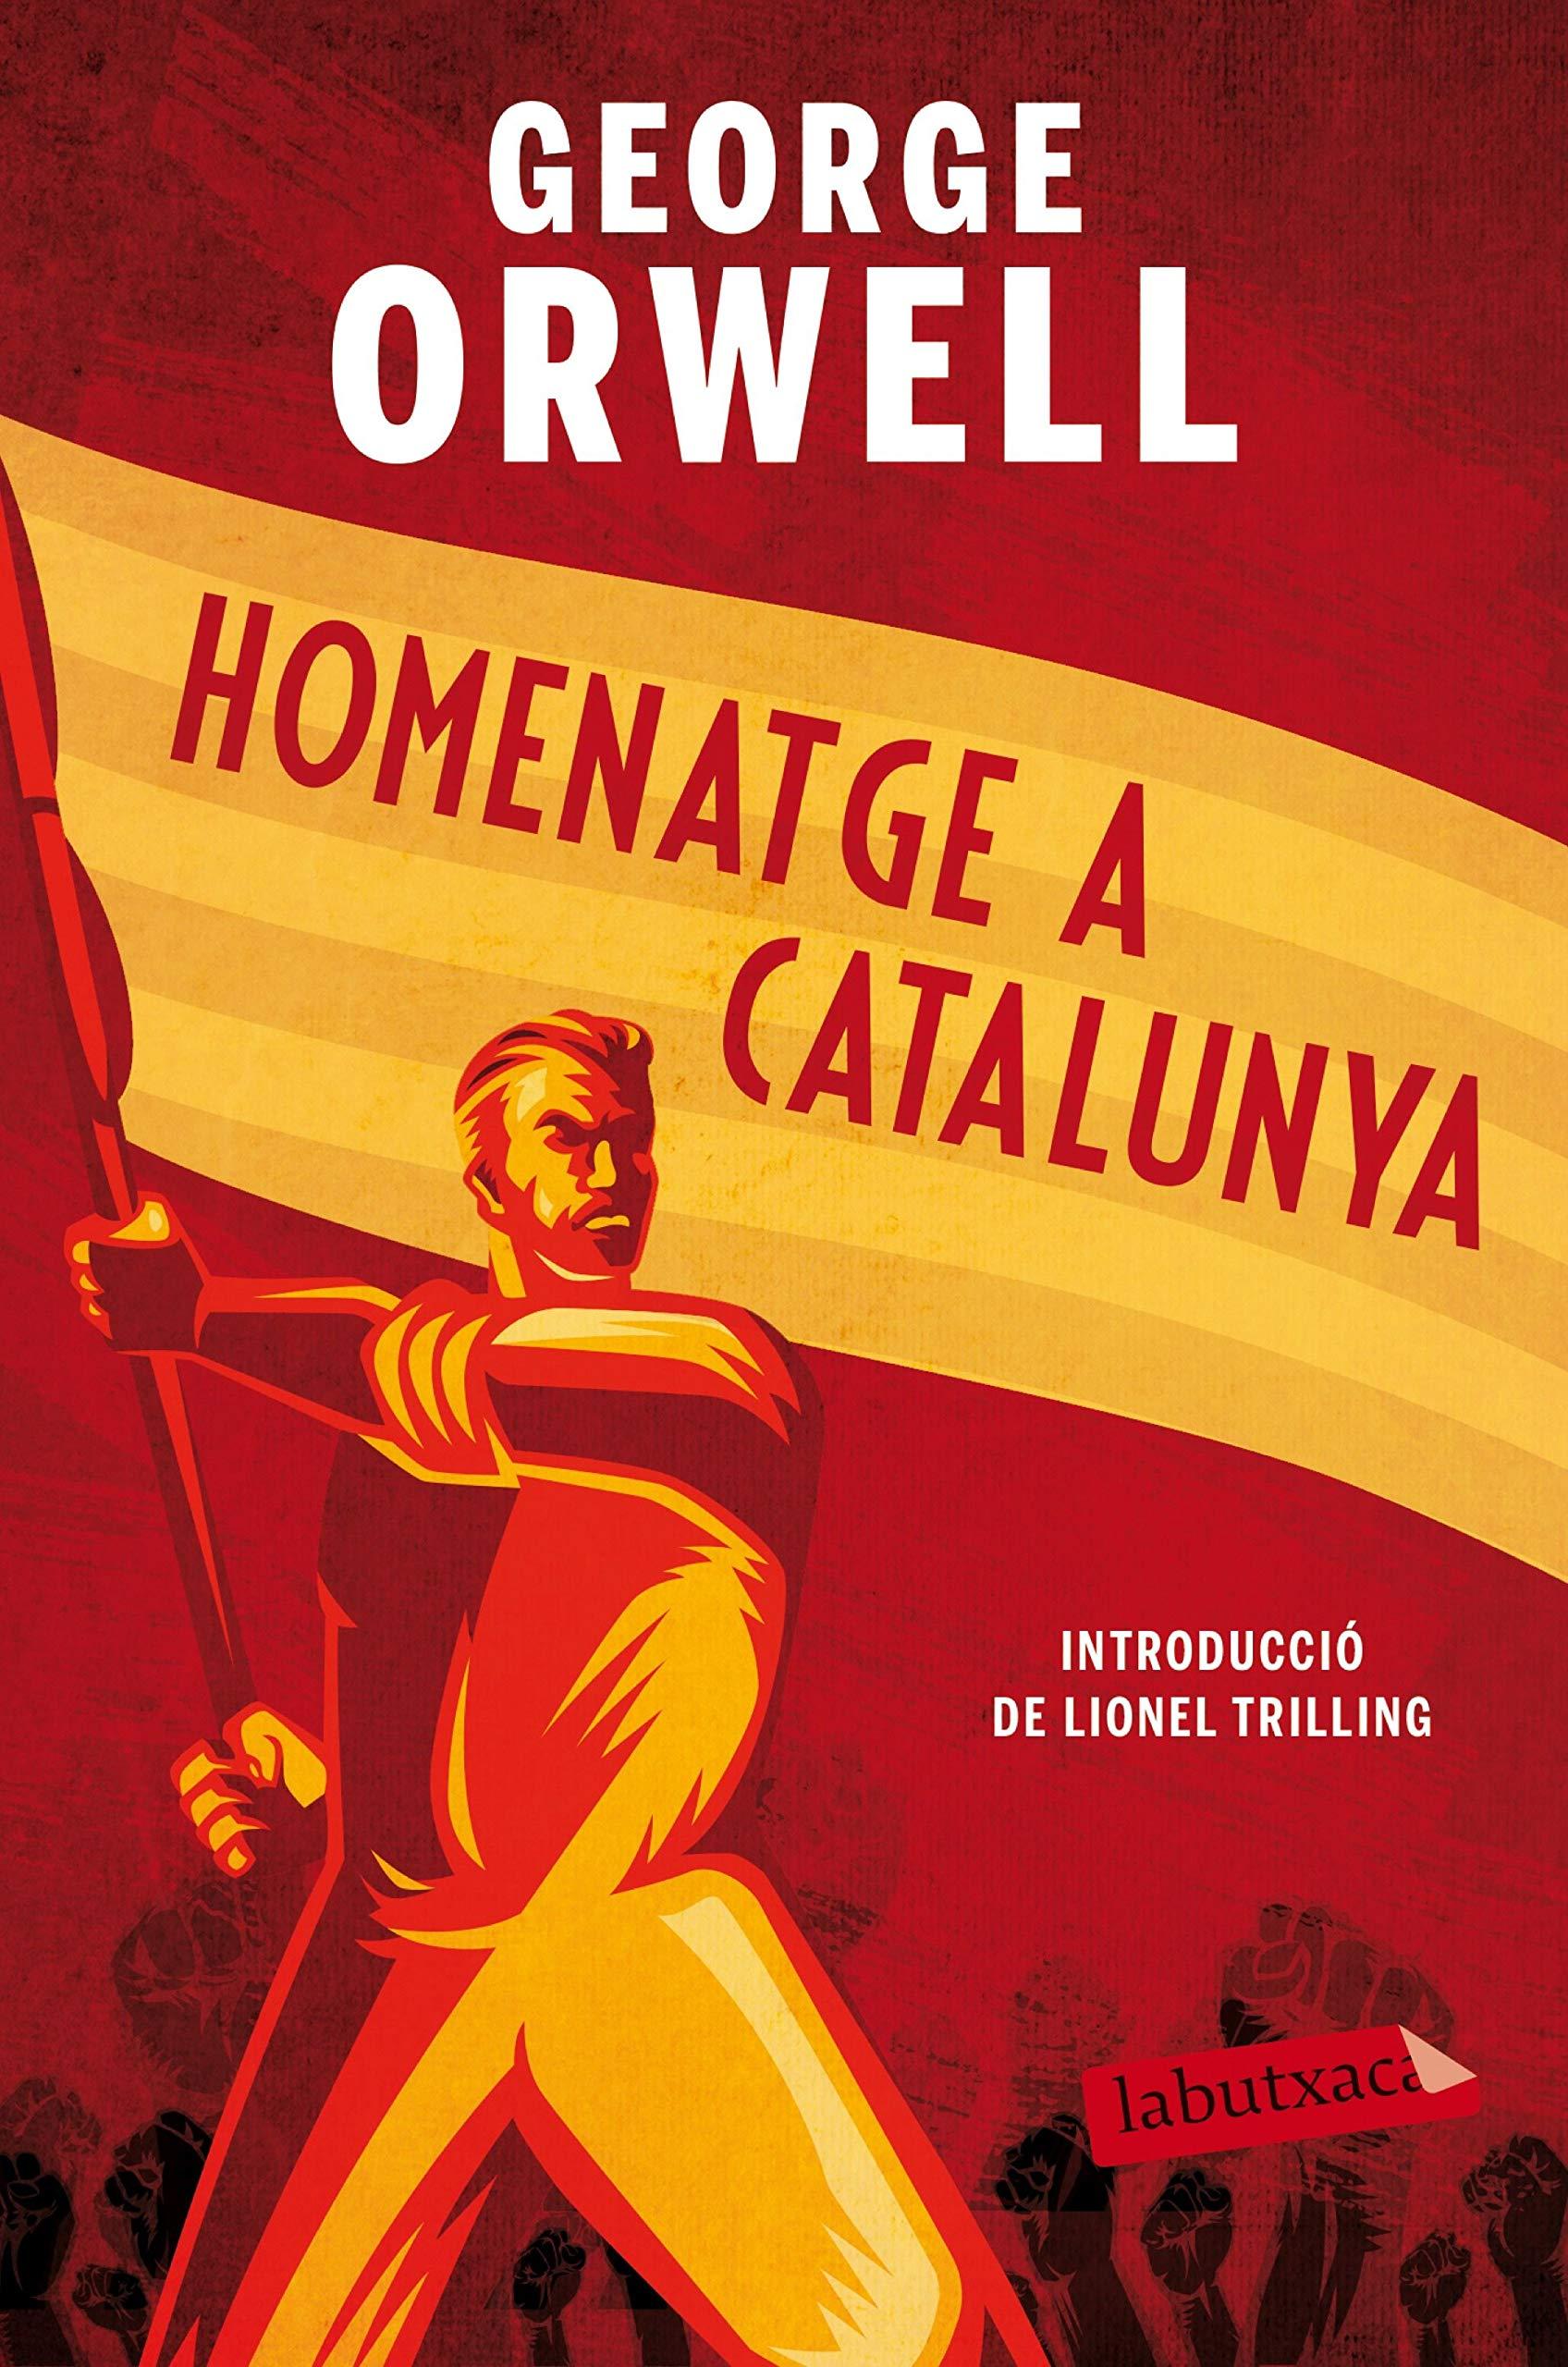 Homenatge a Catalunya: Introducció de Lionel trilling LABUTXACA: Amazon.es: Orwell, George, Folch i Camarasa, Ramon: Libros